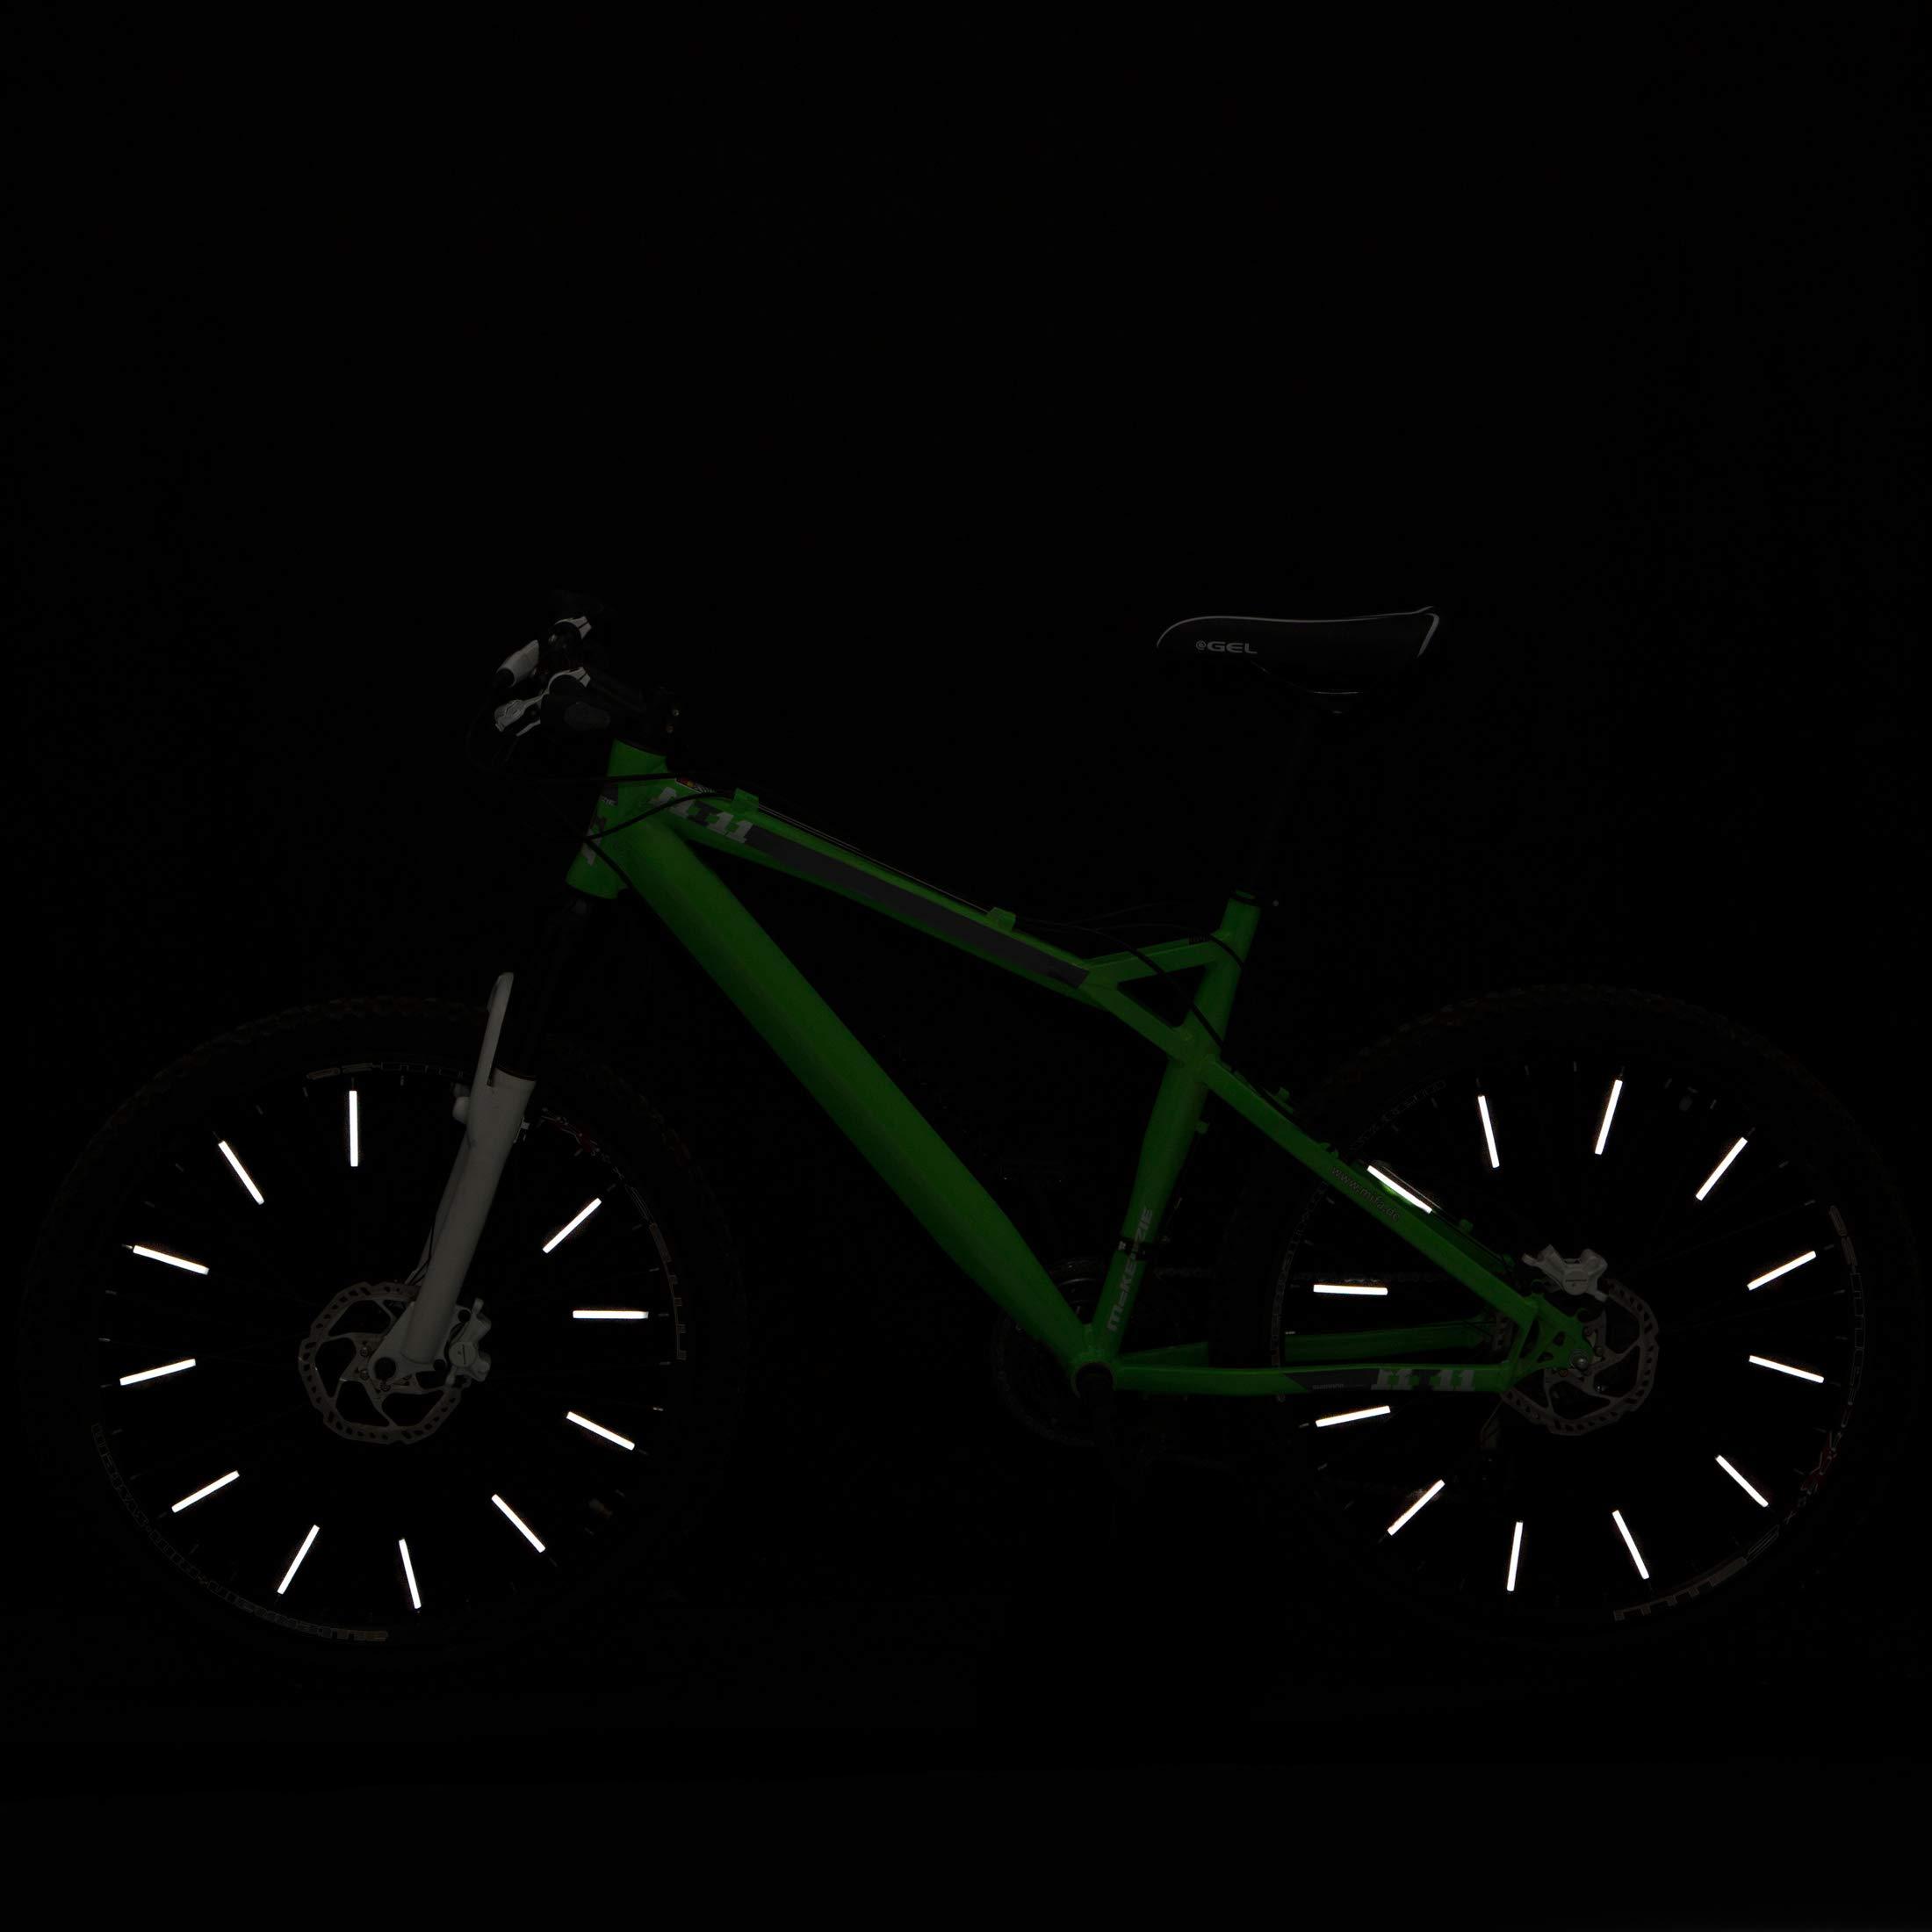 Ultrasport Paquete de 10 Reflectores para radios, Seguridad para la Bicicleta en Cualquier condición meteorológica y de luz, Unisex, Gris, OS: Amazon.es: Deportes y aire libre